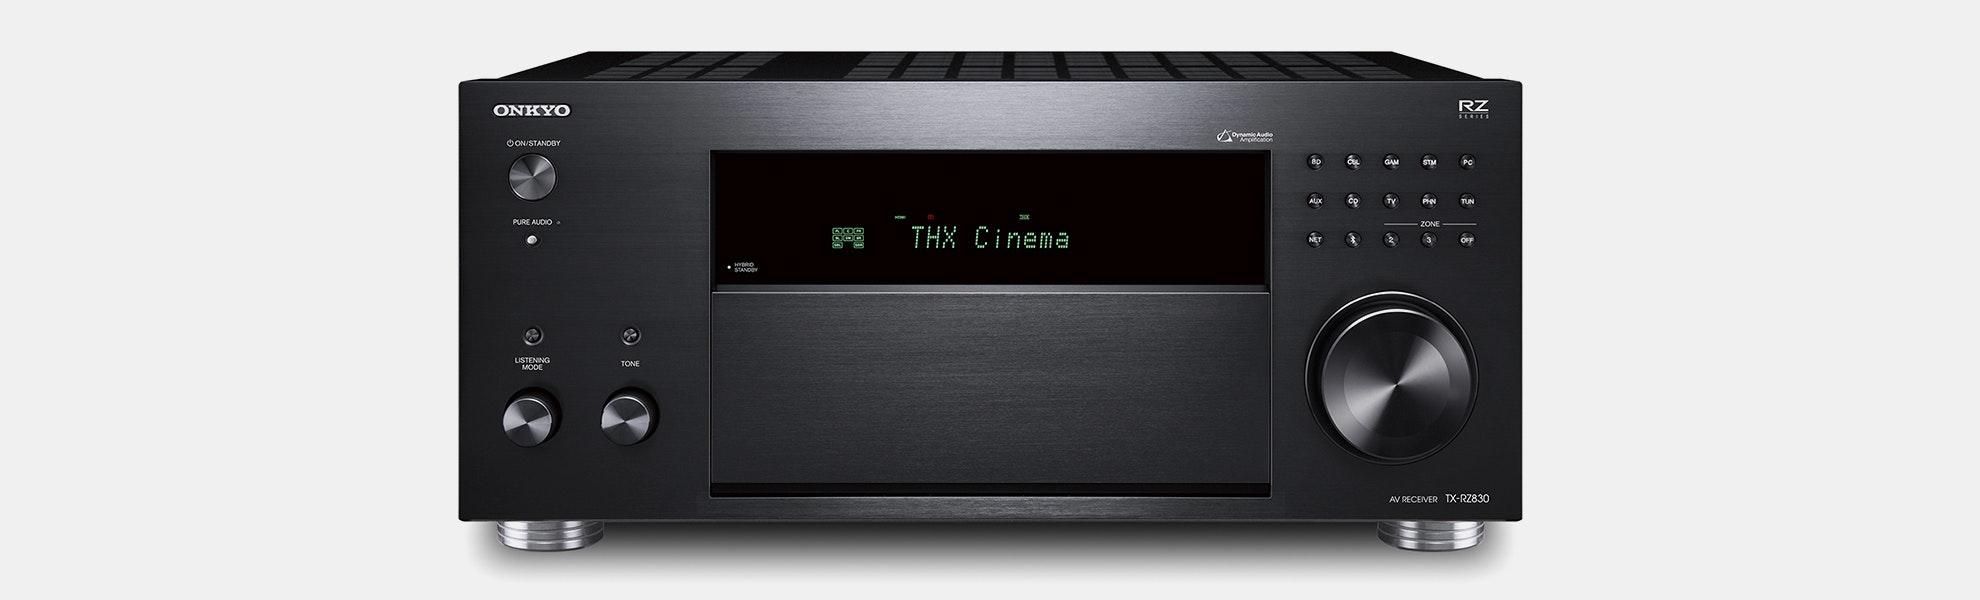 Onkyo TX-RZ830 9.2-Ch Dolby Atmos AV Receiver